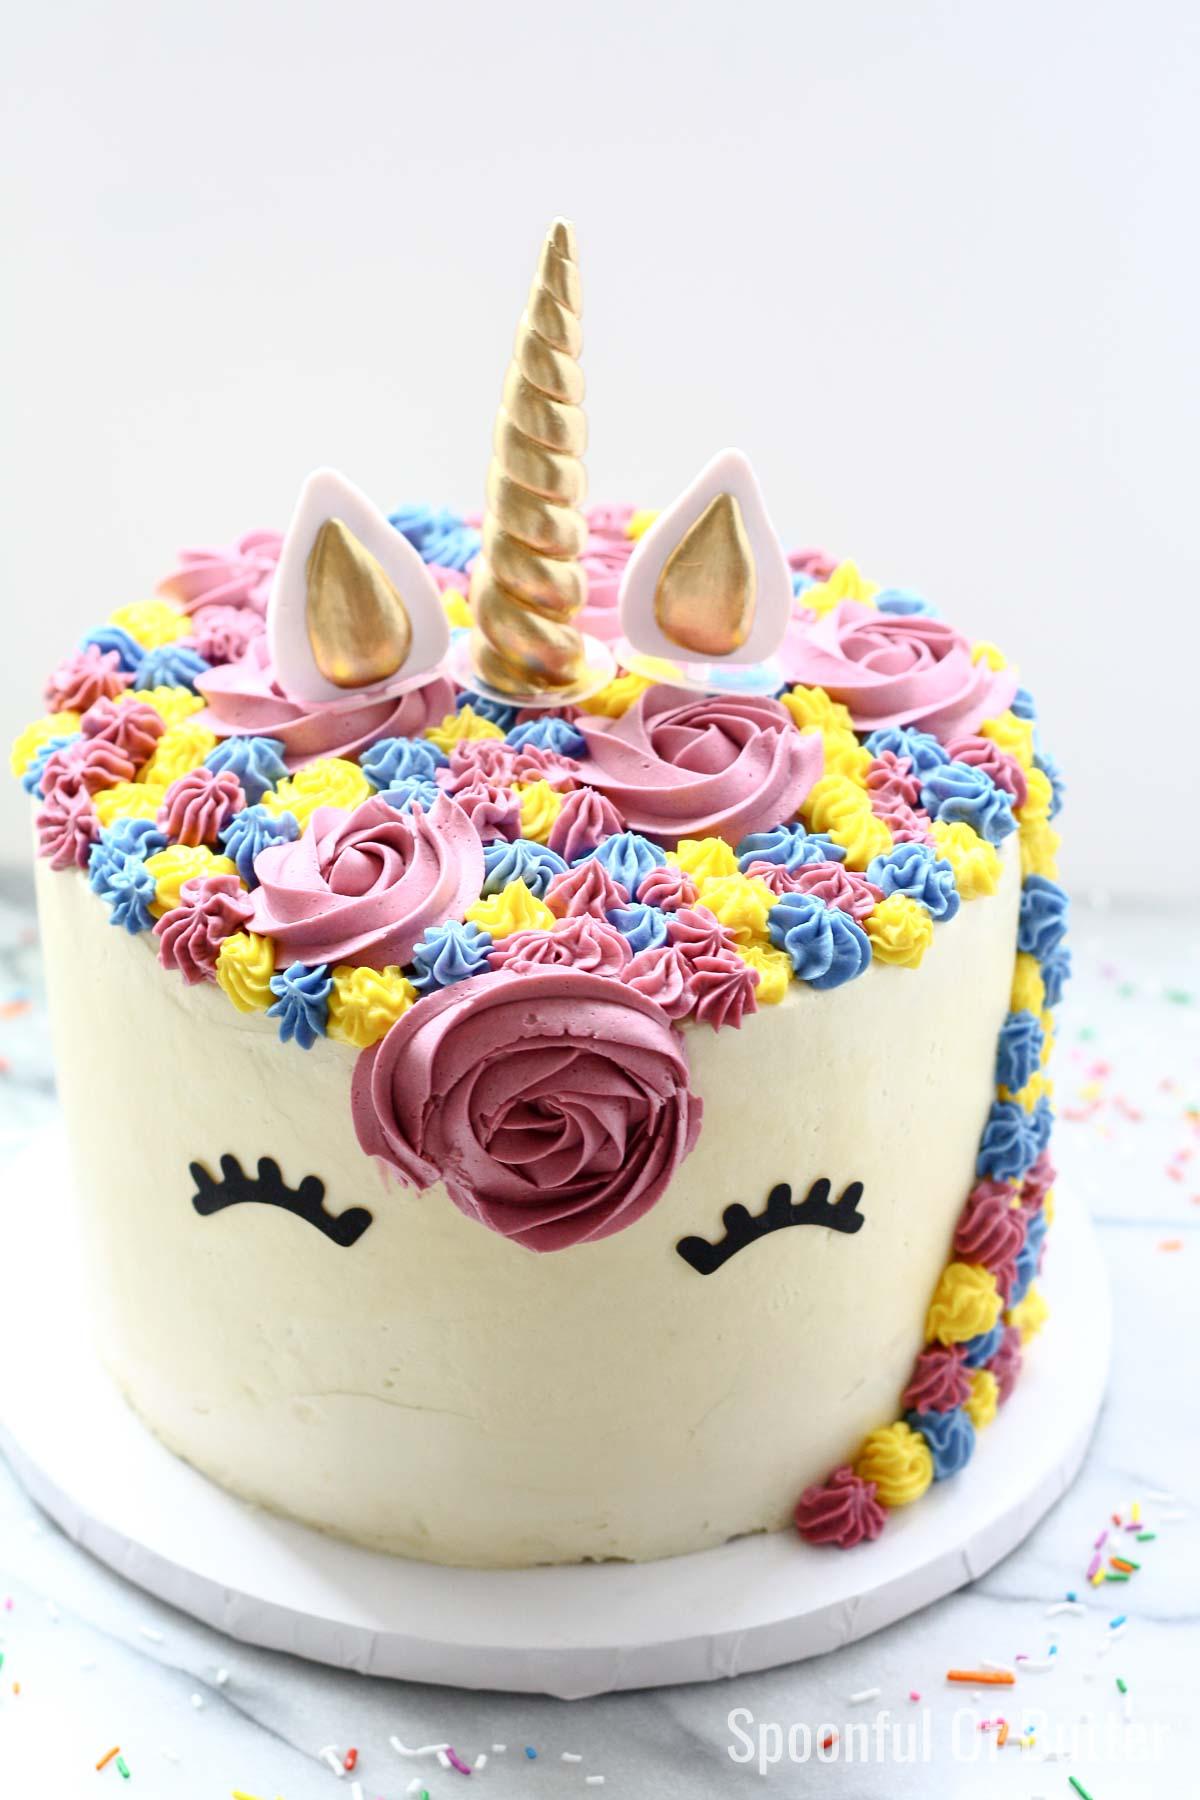 Unicorn party ideas, unicorn cake